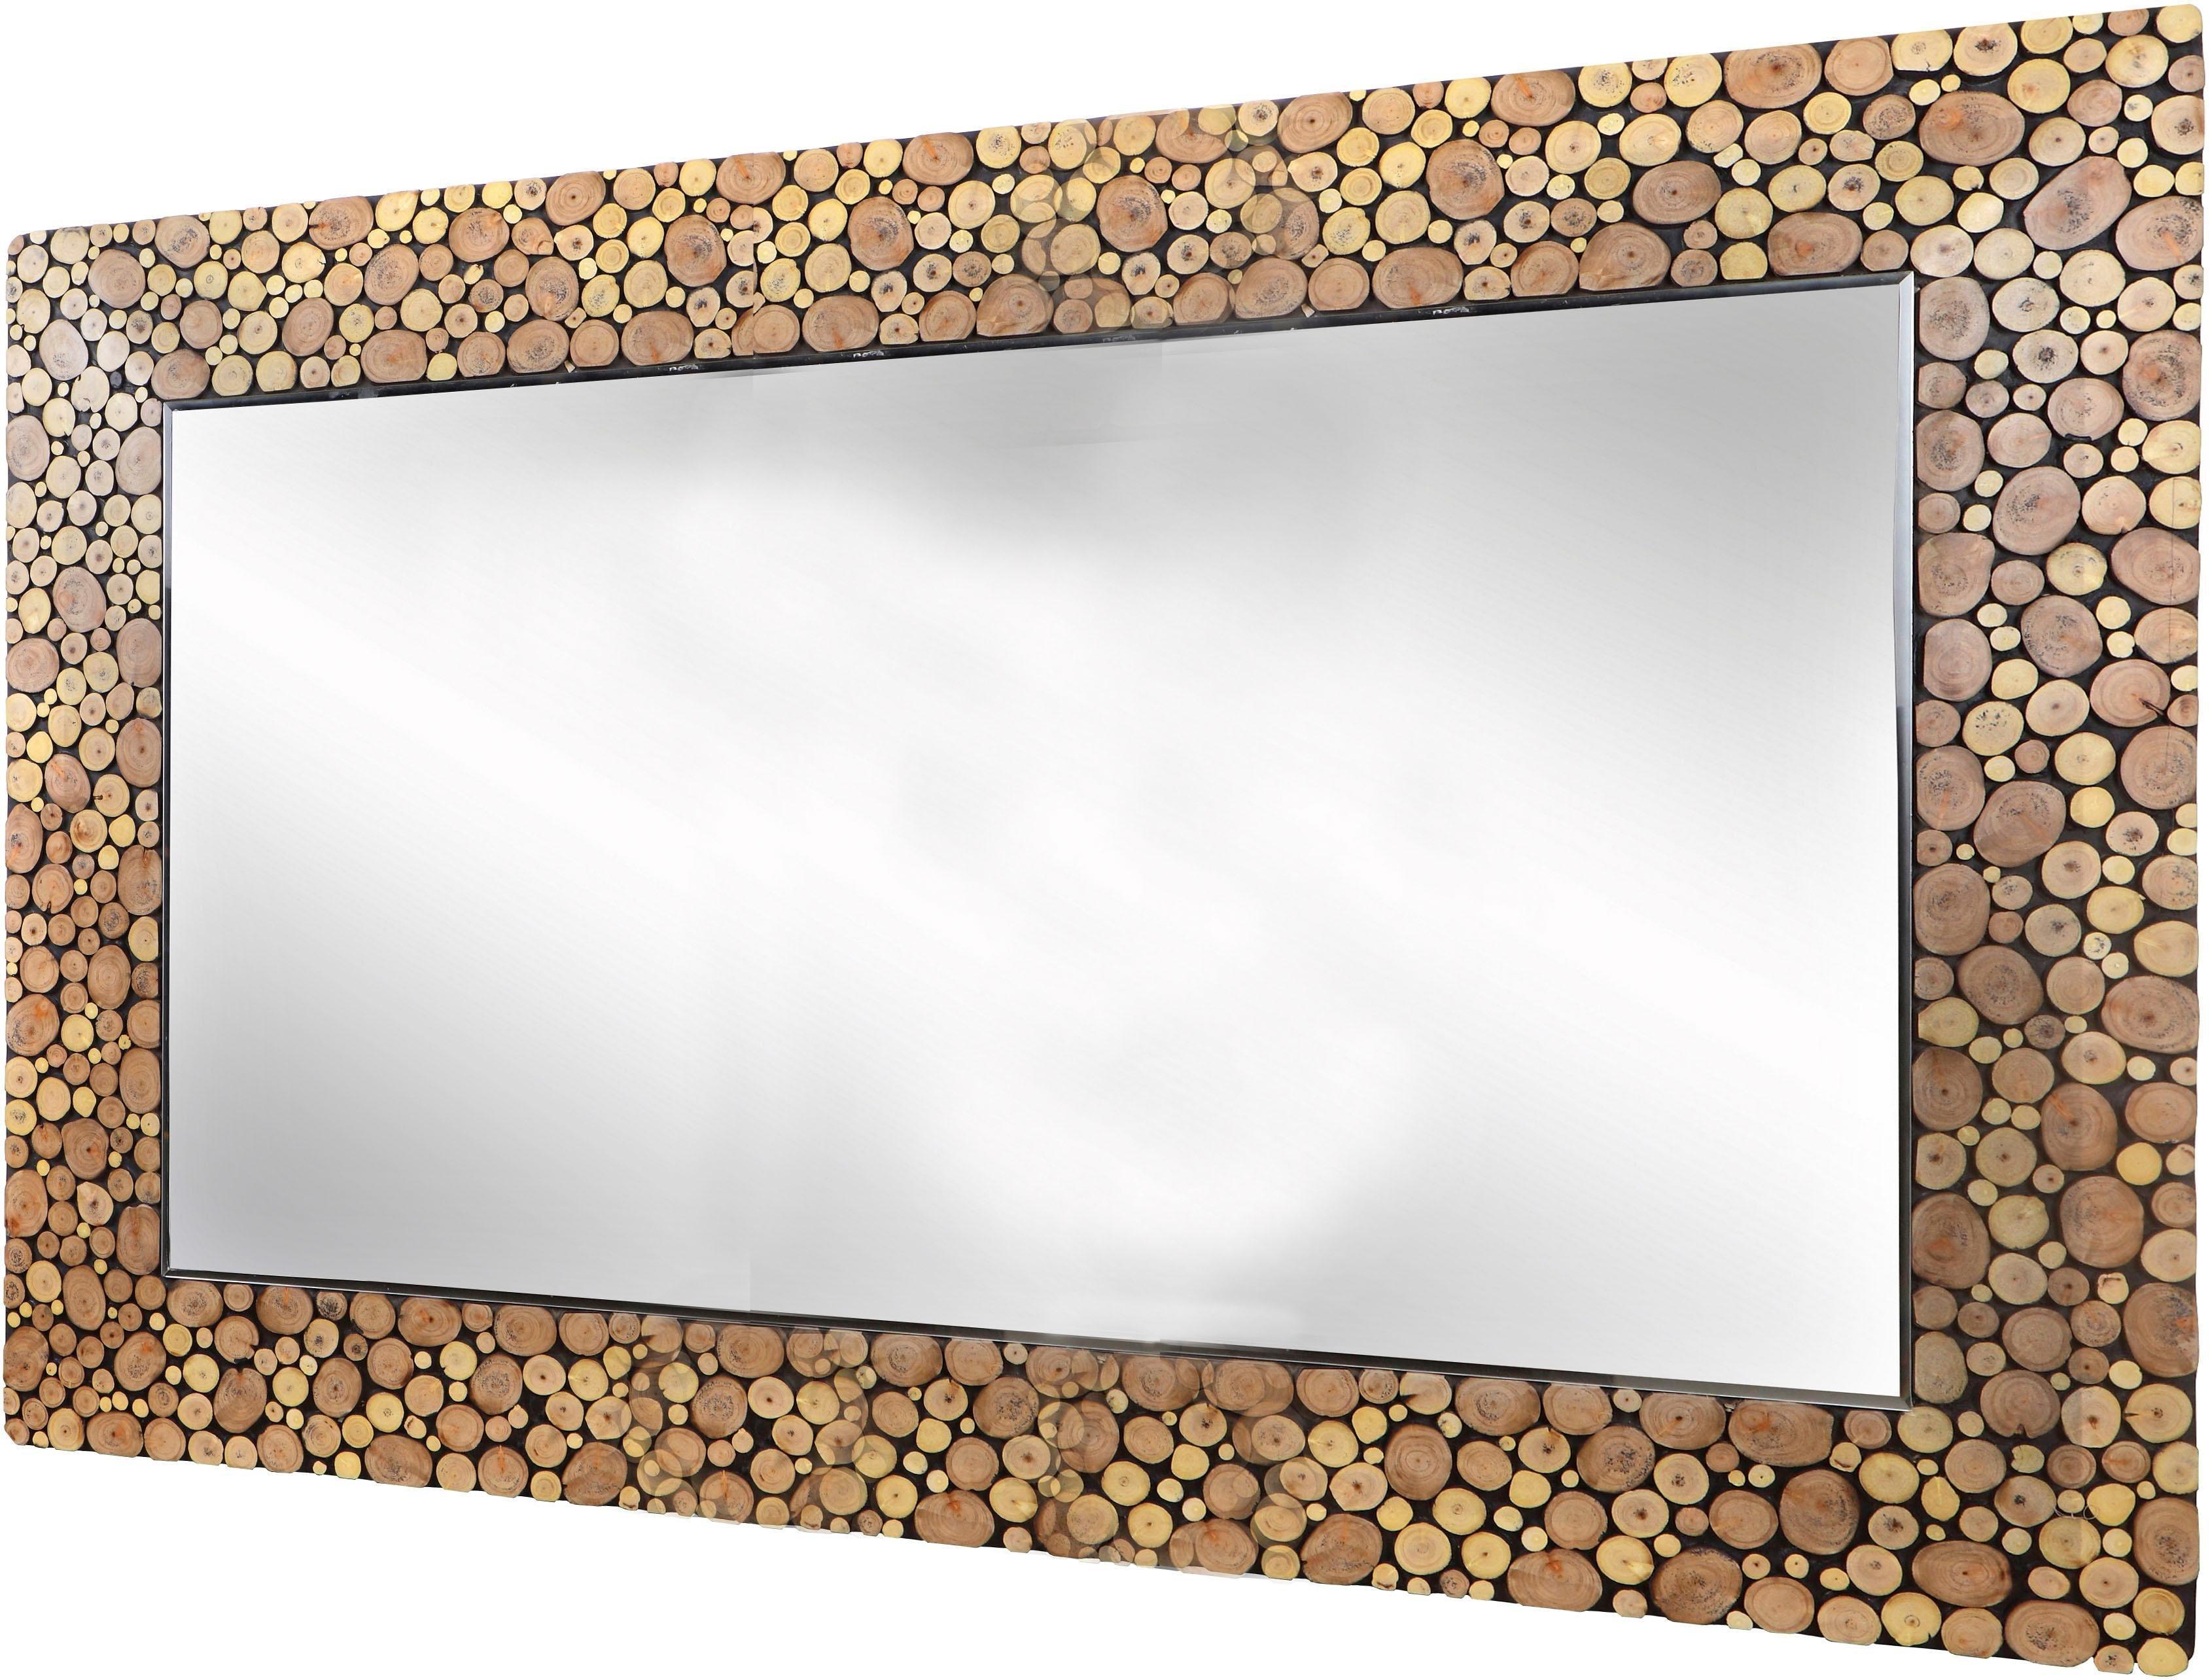 naturbelassen Wandspiegel online kaufen | Möbel-Suchmaschine ...